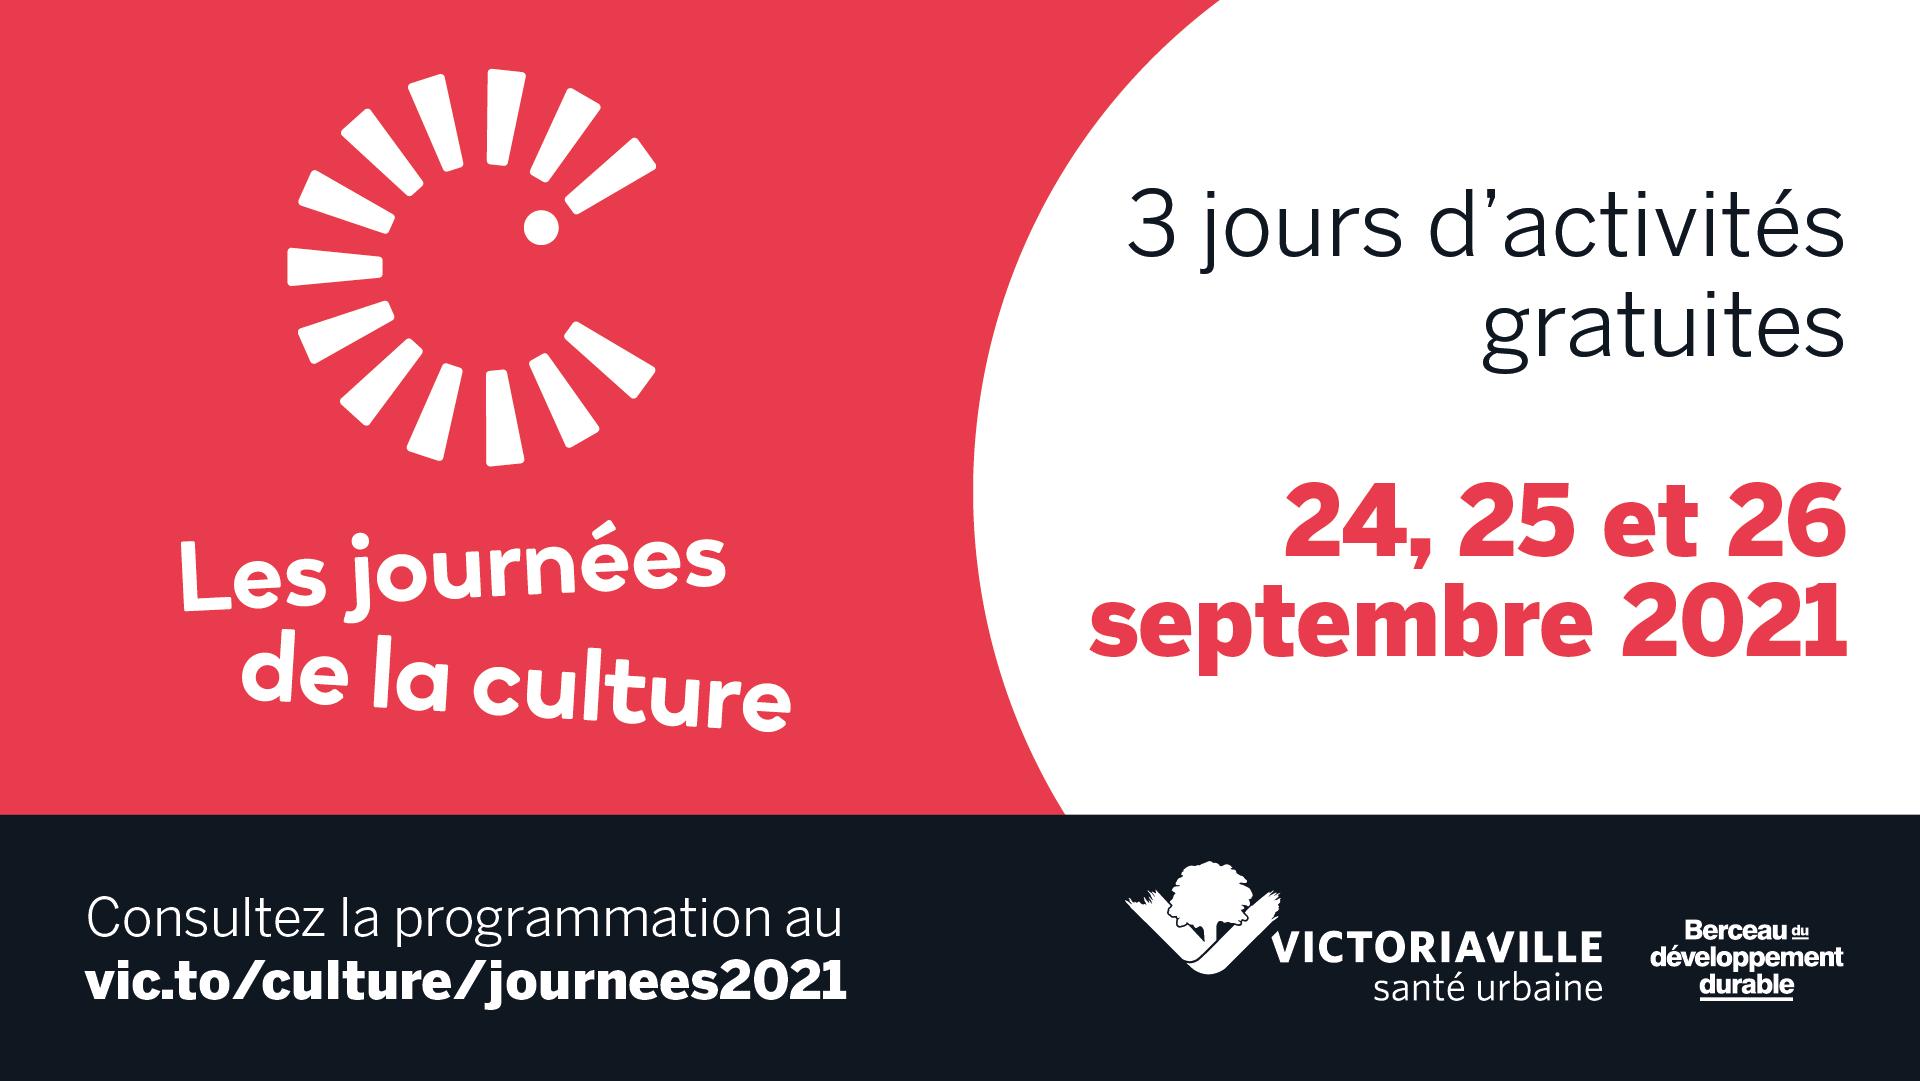 Journées de la culture à Victoriaville: un rendez-vous les 24, 25 et 26 septembre 2021